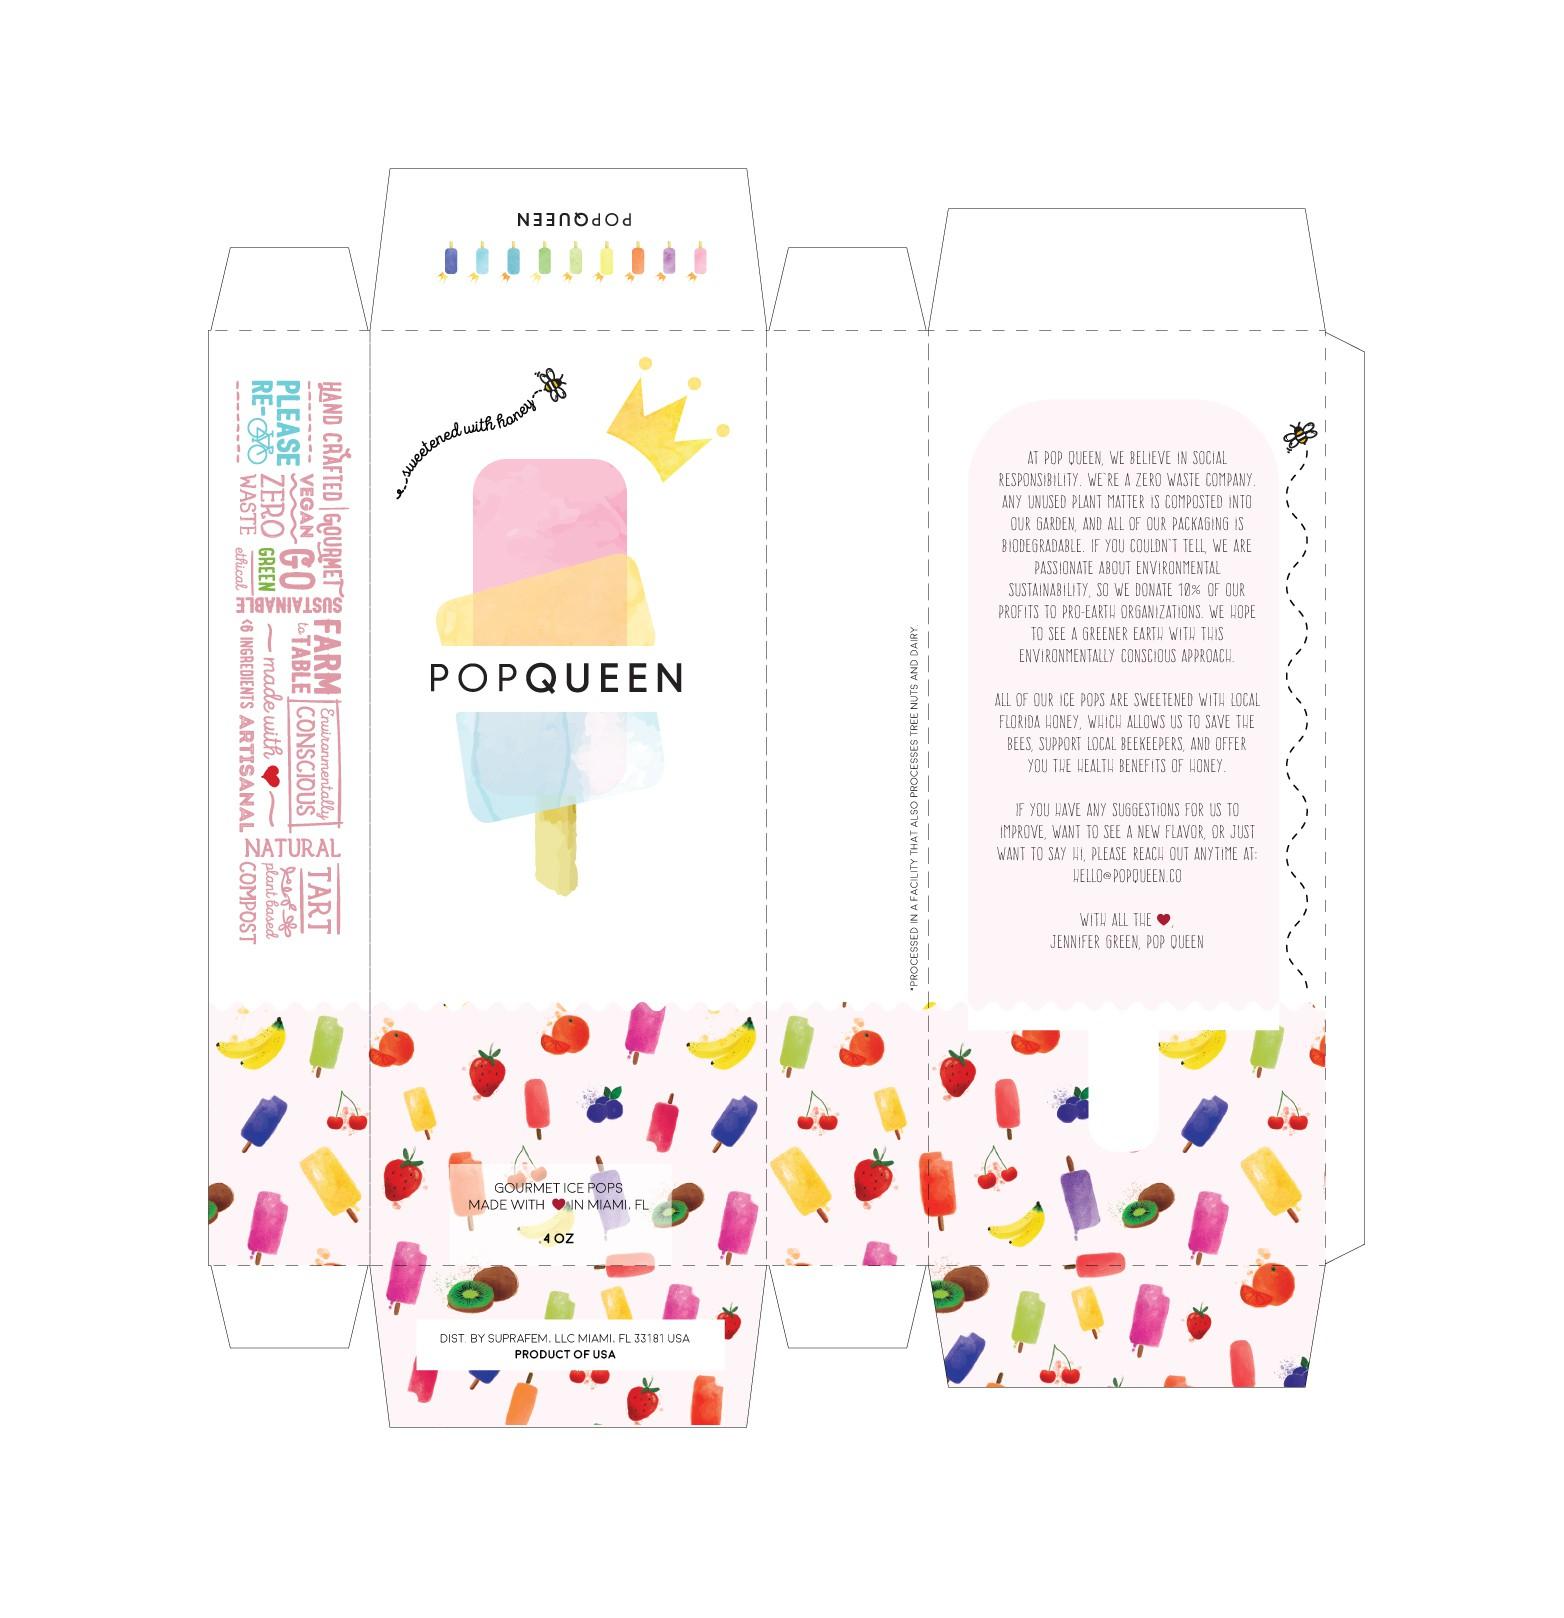 Ice Pop Packaging